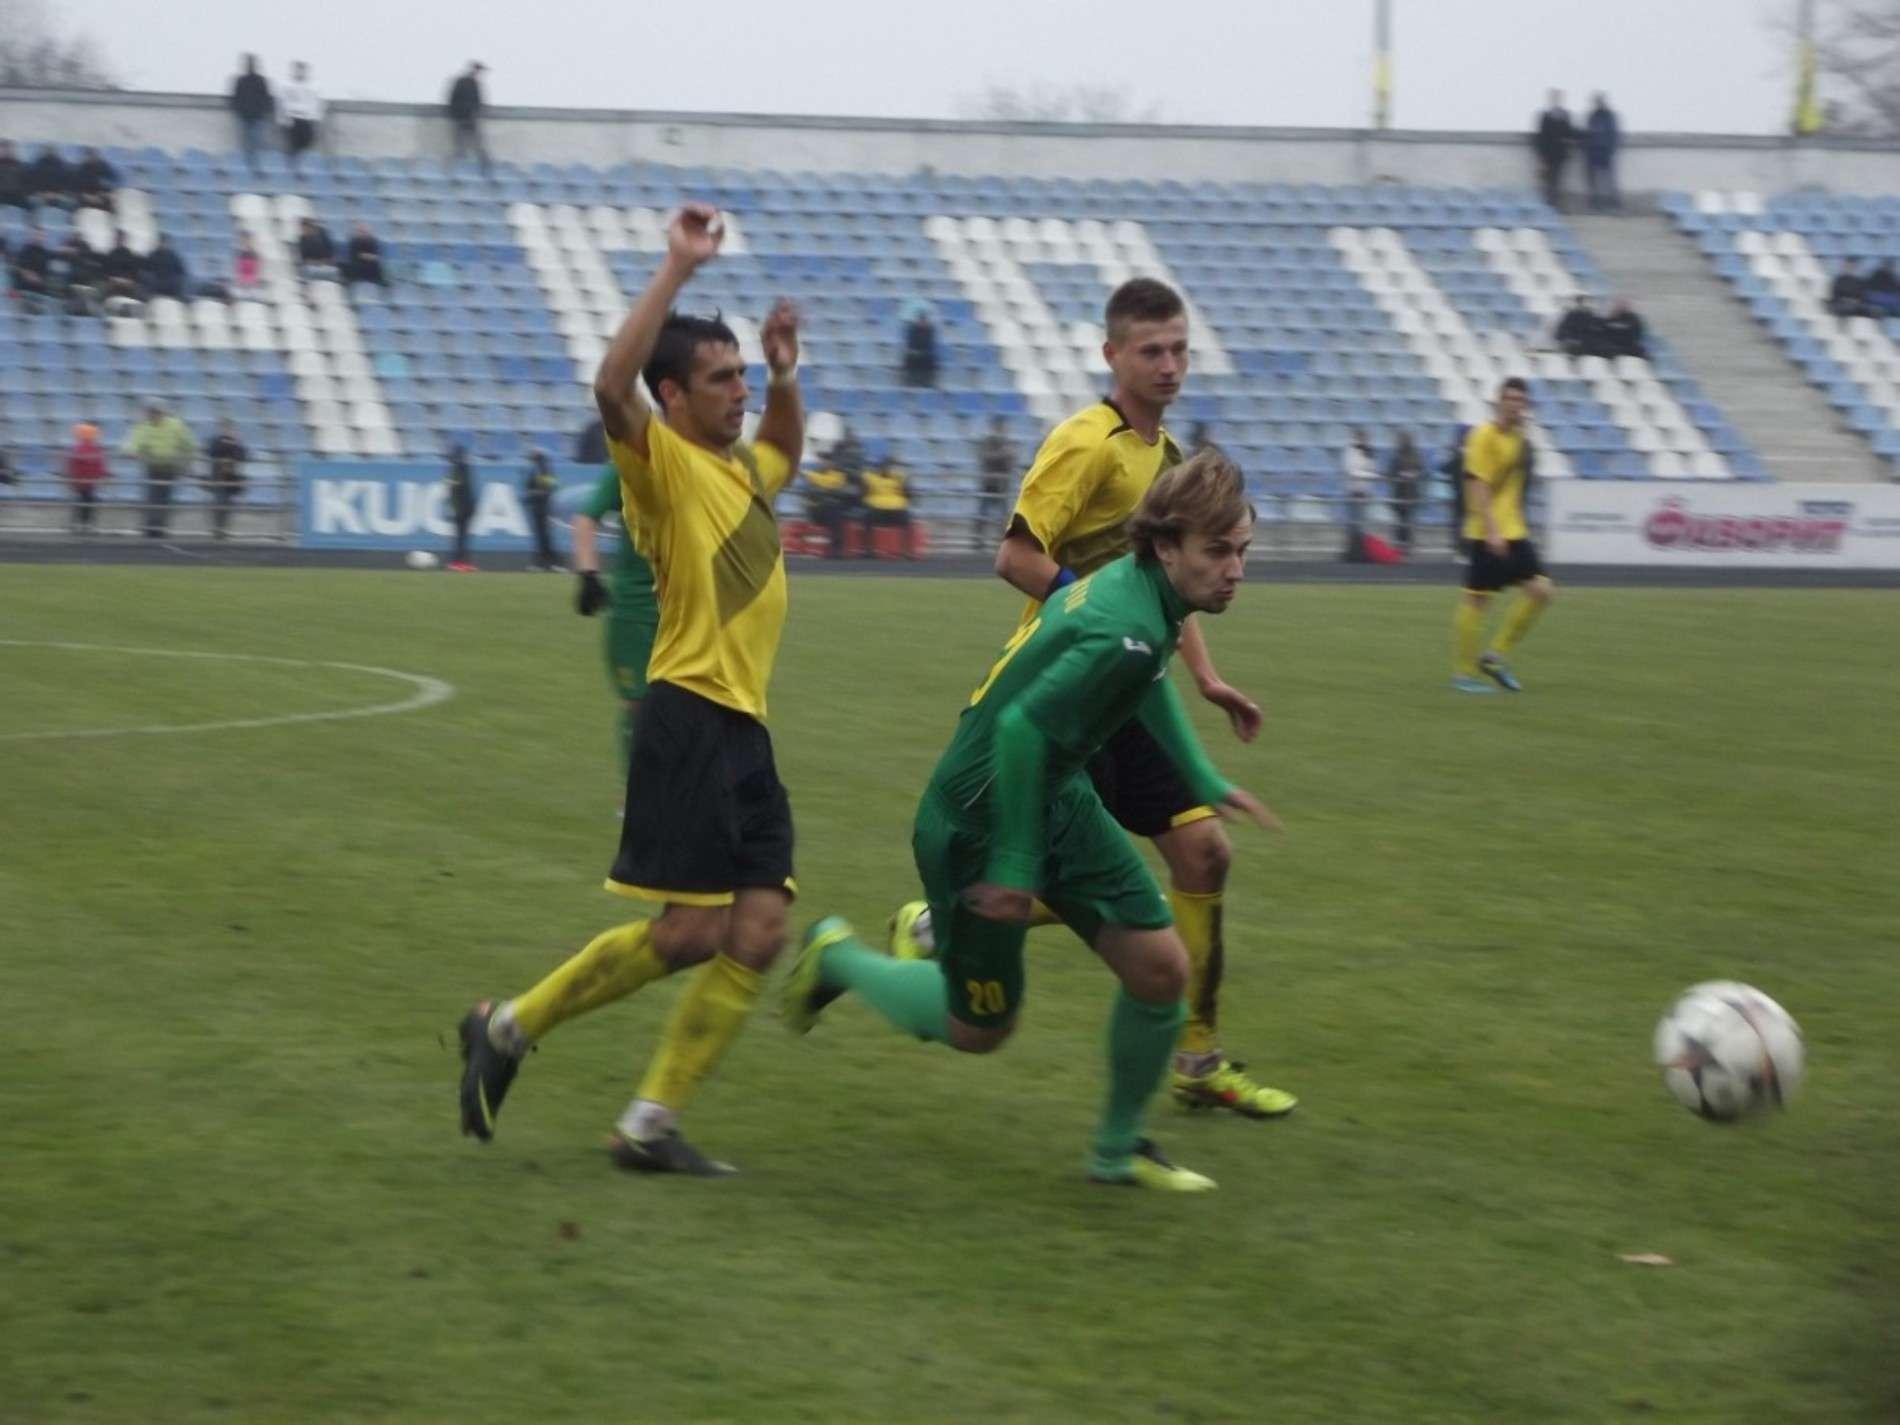 ФК Буковина зіграла проти тернопільської Ниви - 2:0